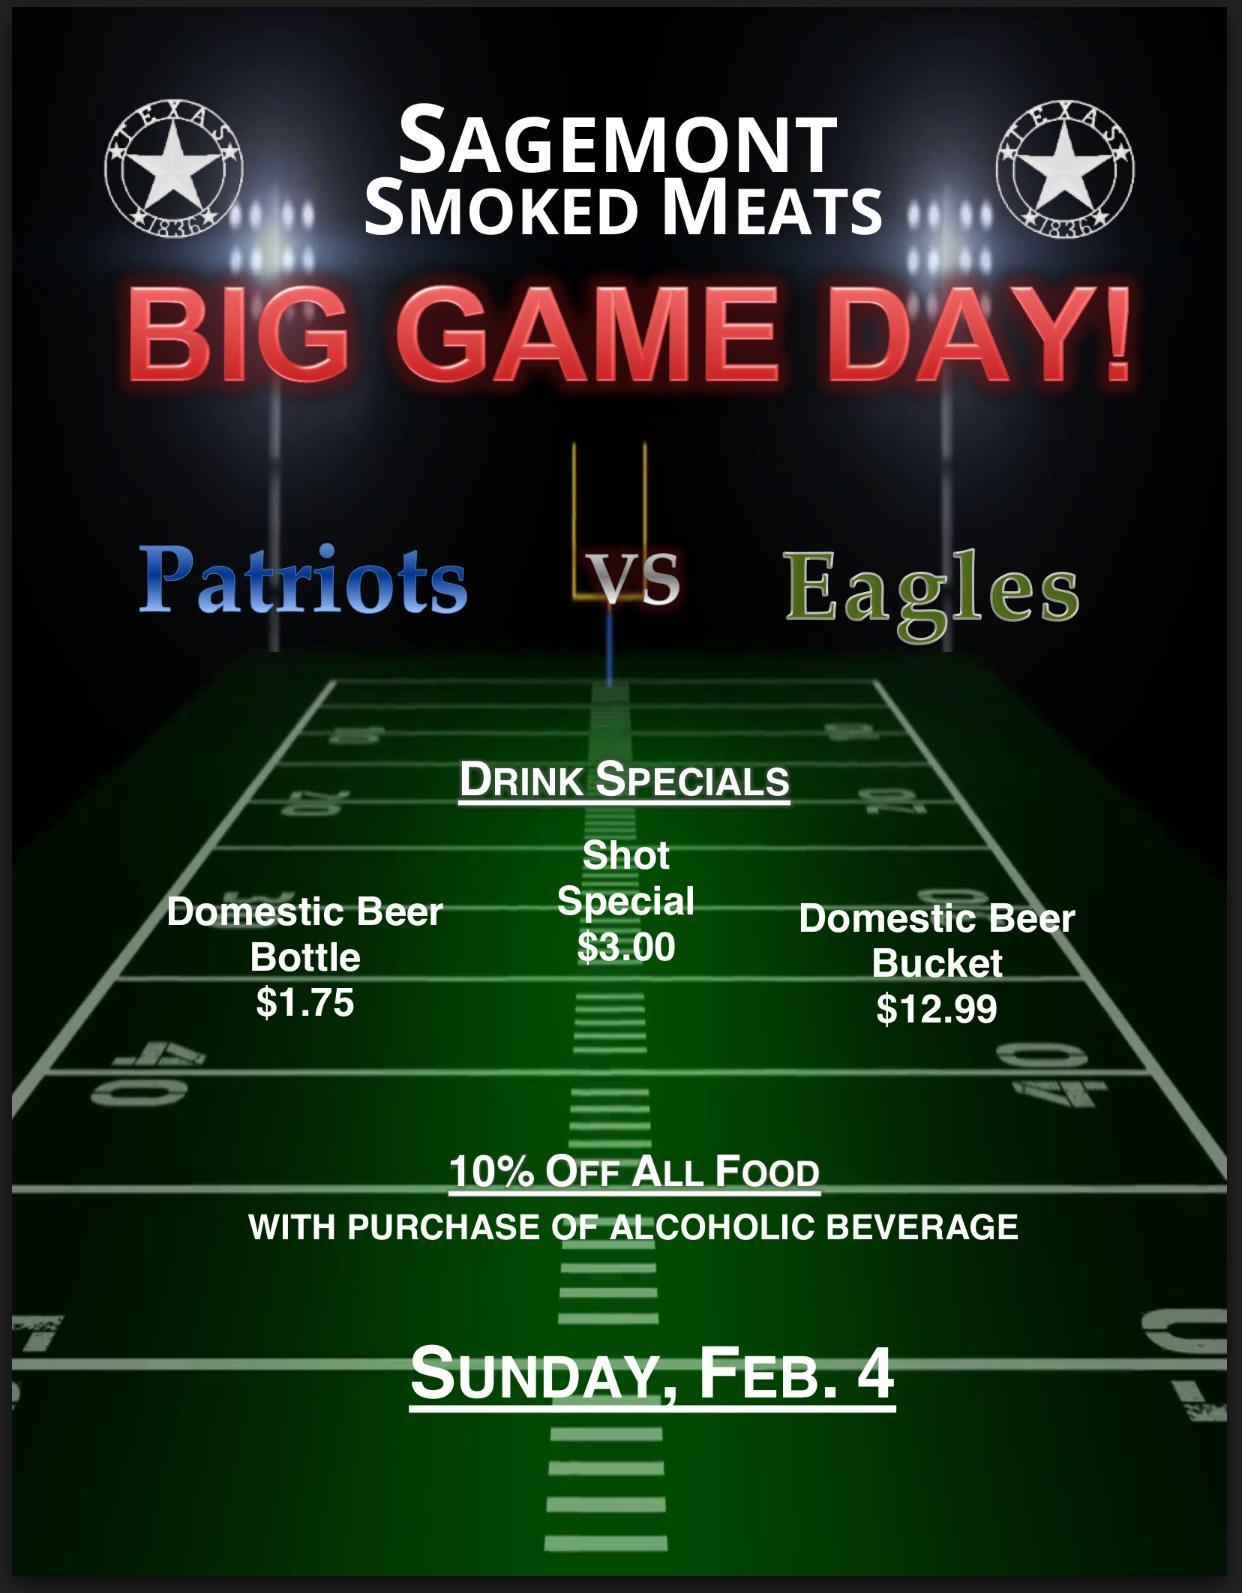 Sagemont Smoked Meats & Bar